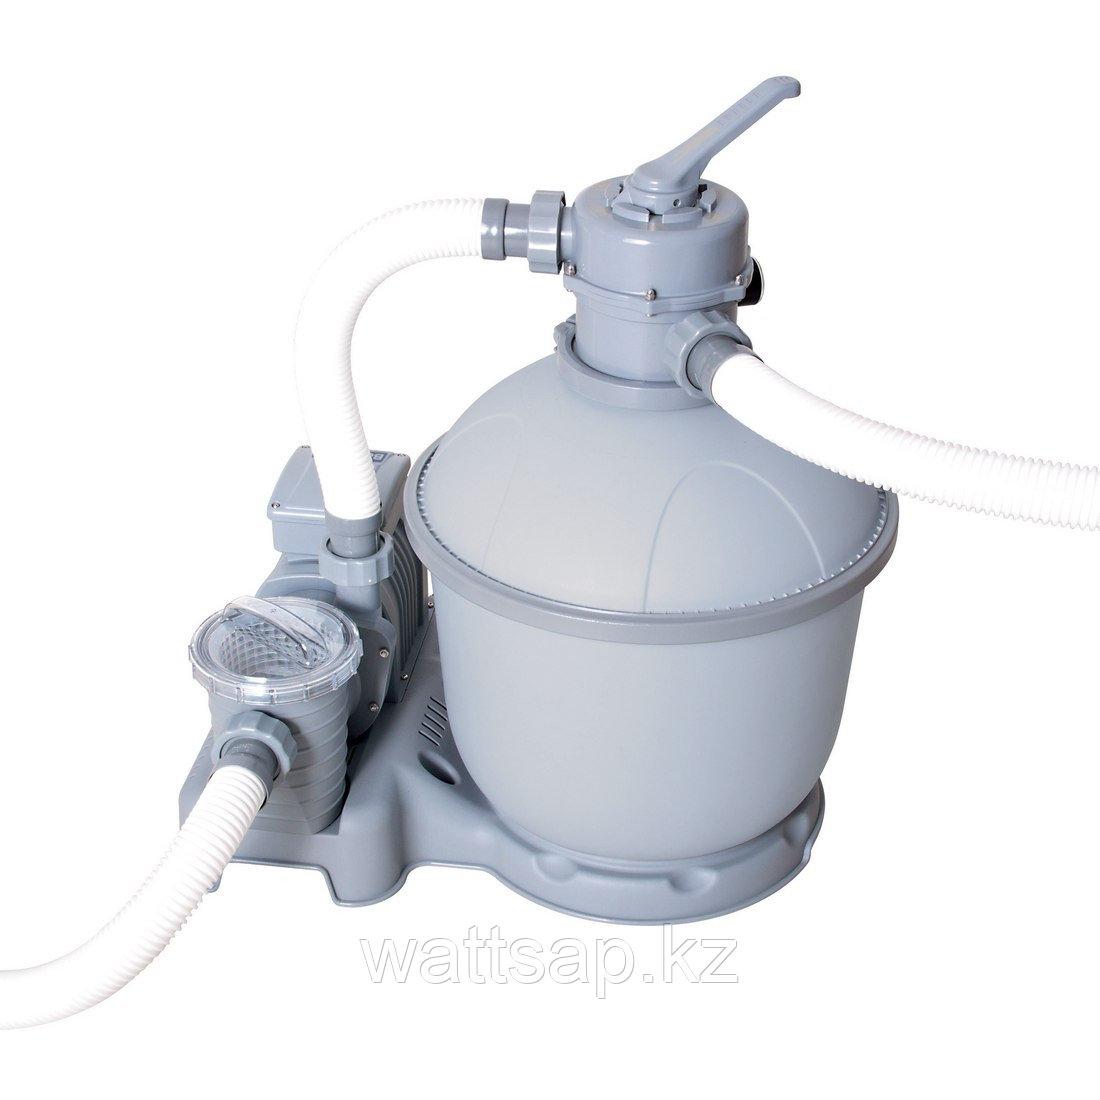 Песчаный фильтр, BESTWAY, 58199, 5.678 литров, 1.100-42.300 литра, Серо-синий, Цветная коробка